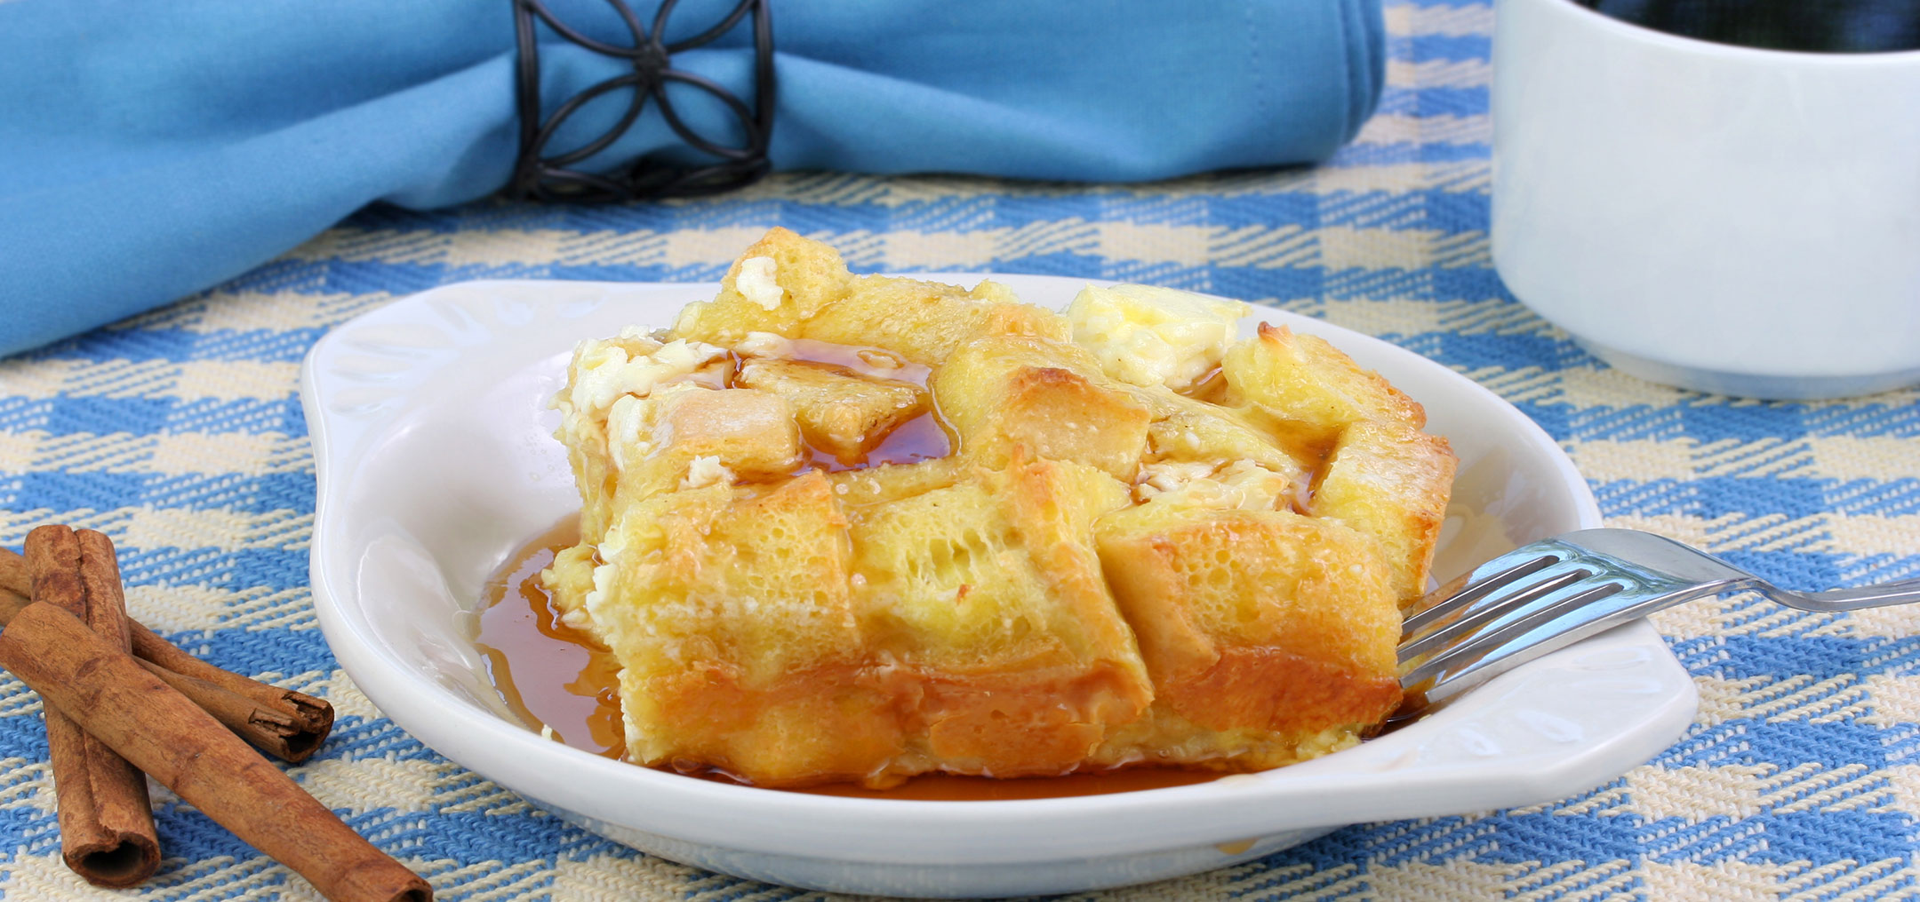 Horizon Baked French Toast